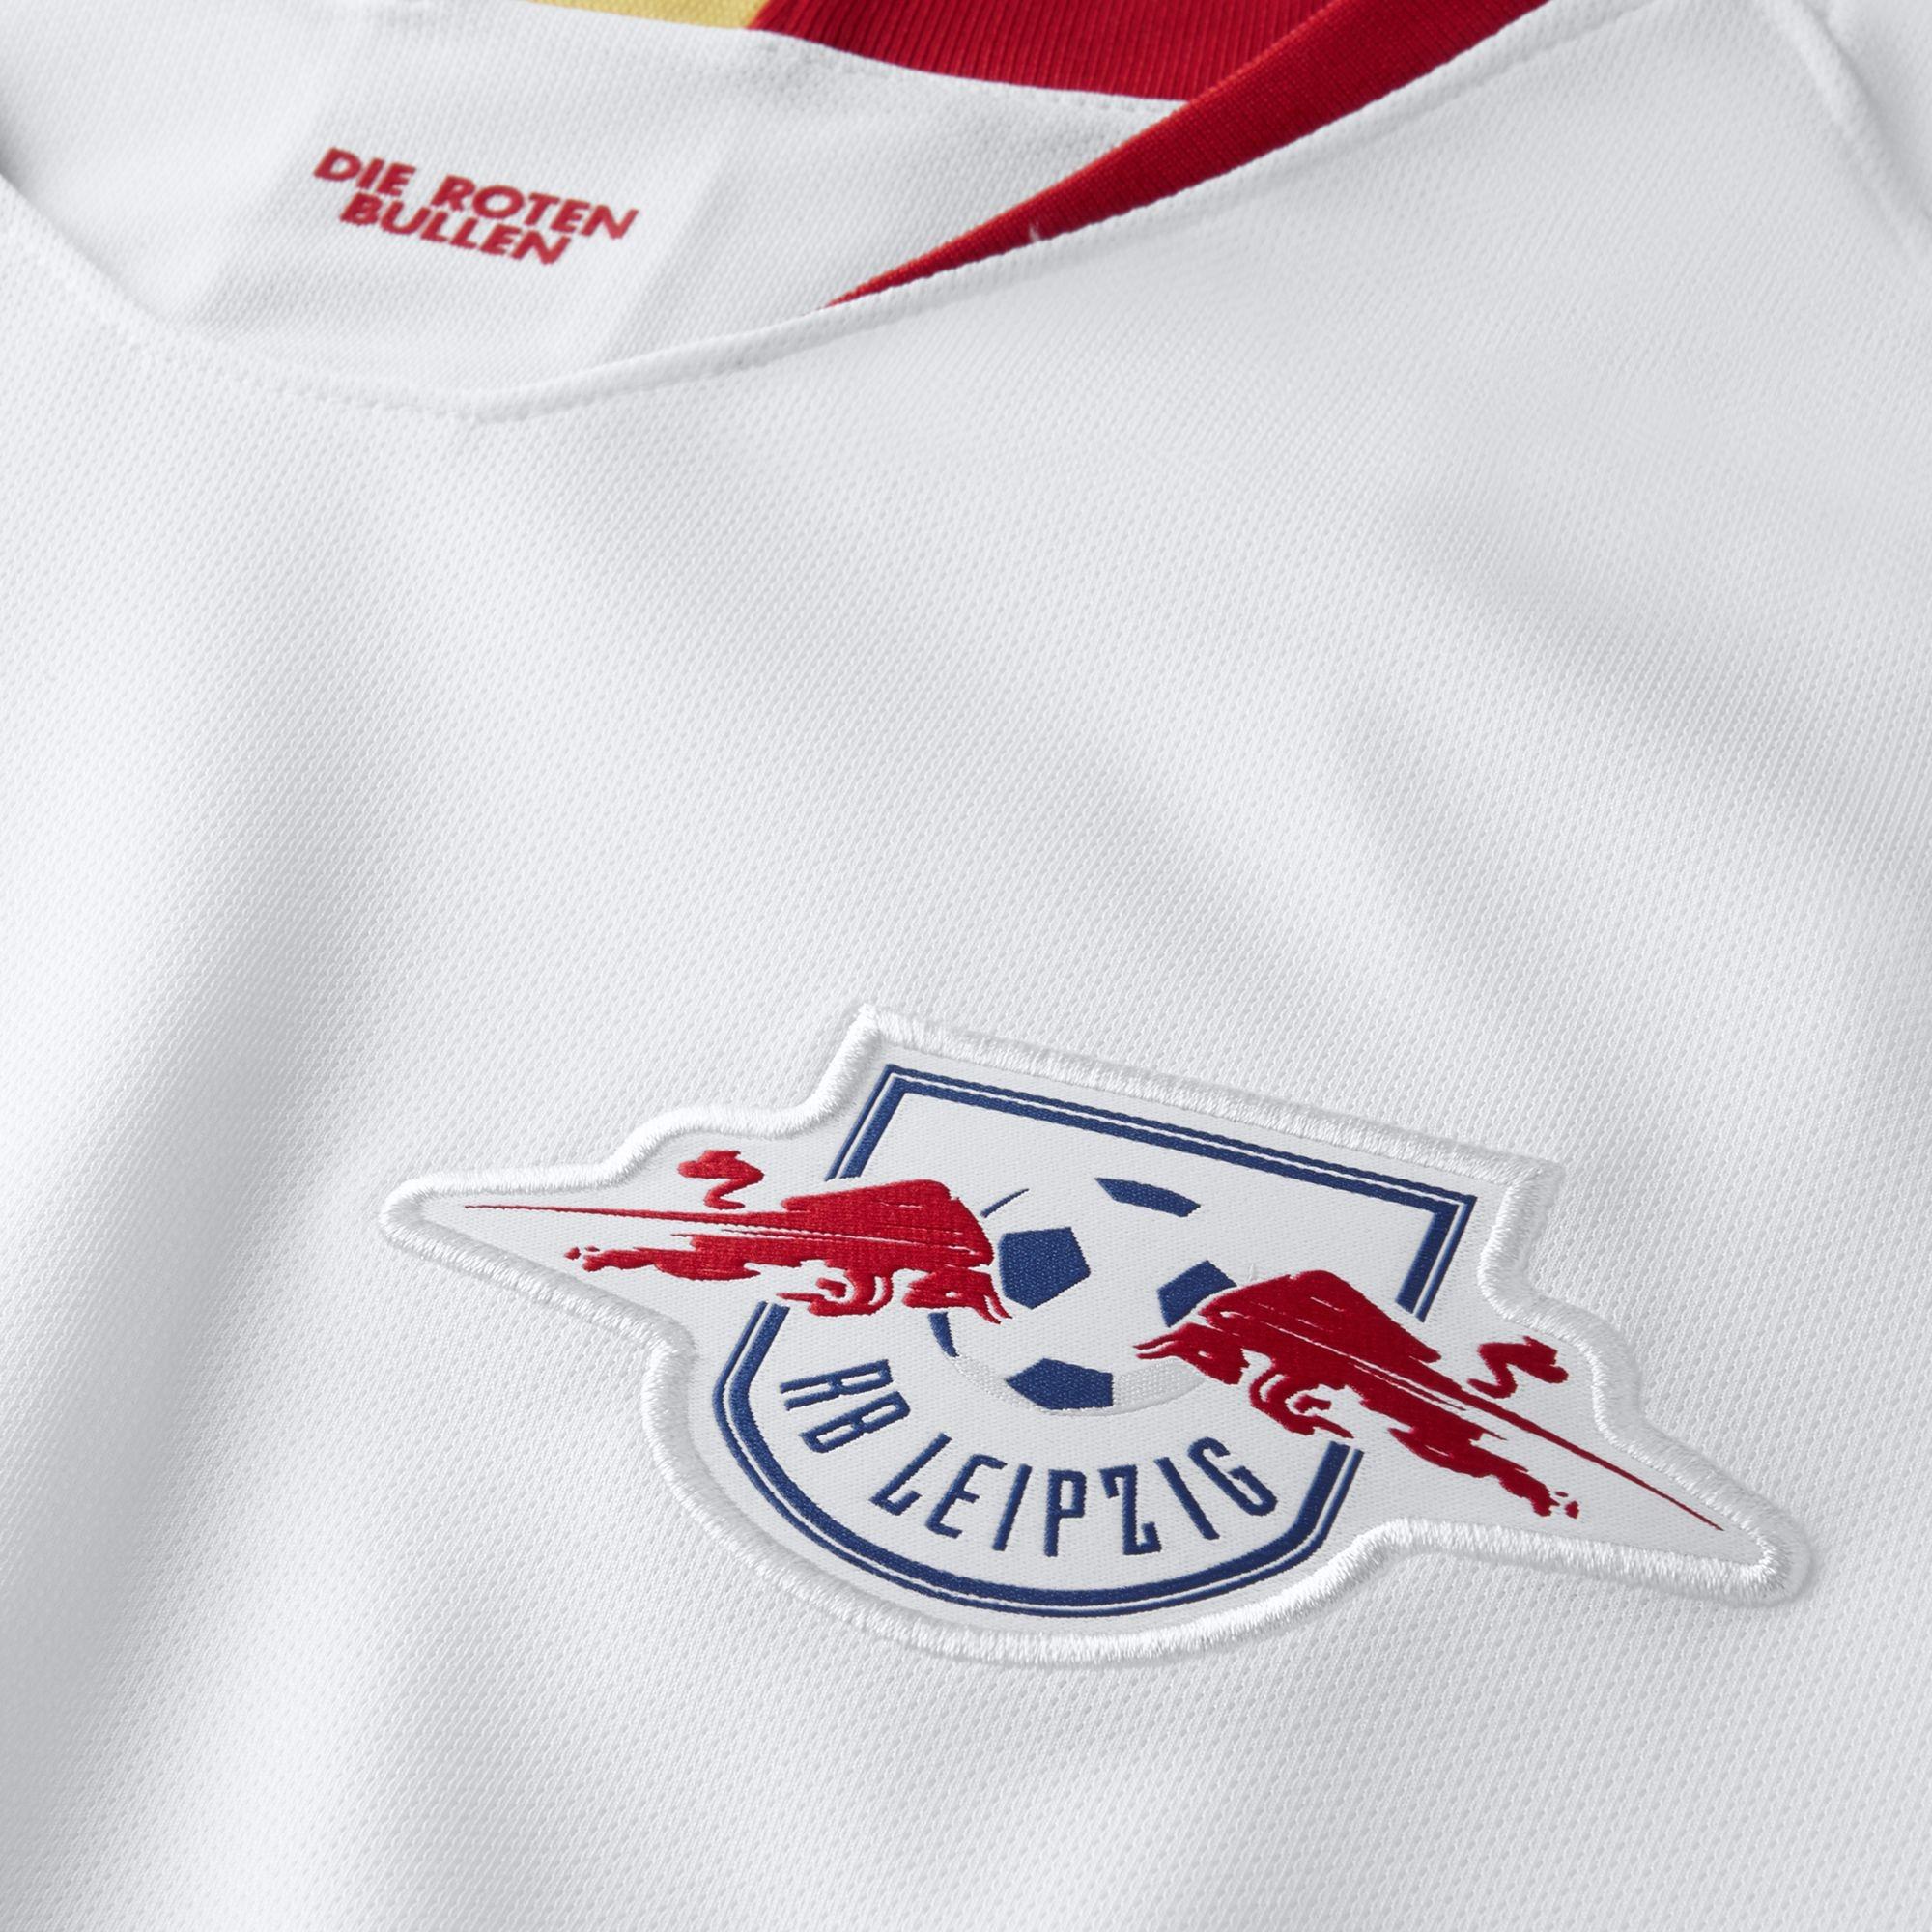 Seconda Maglia RB Leipzig personalizzata